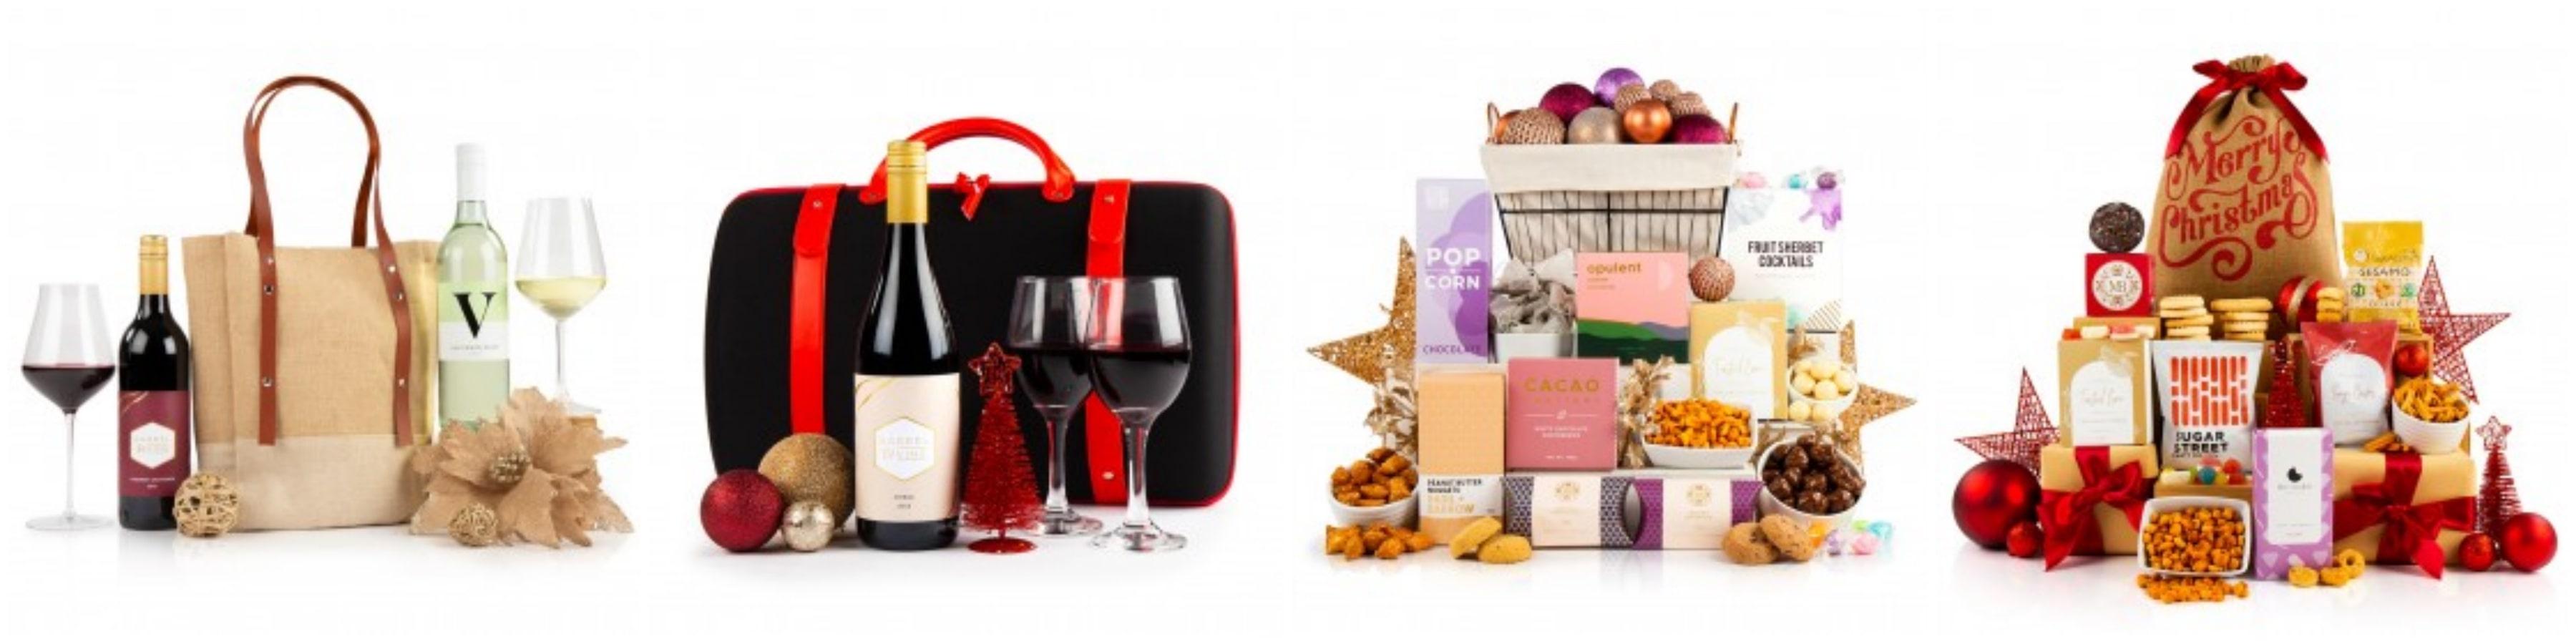 Gift Baskets Melbourne 3